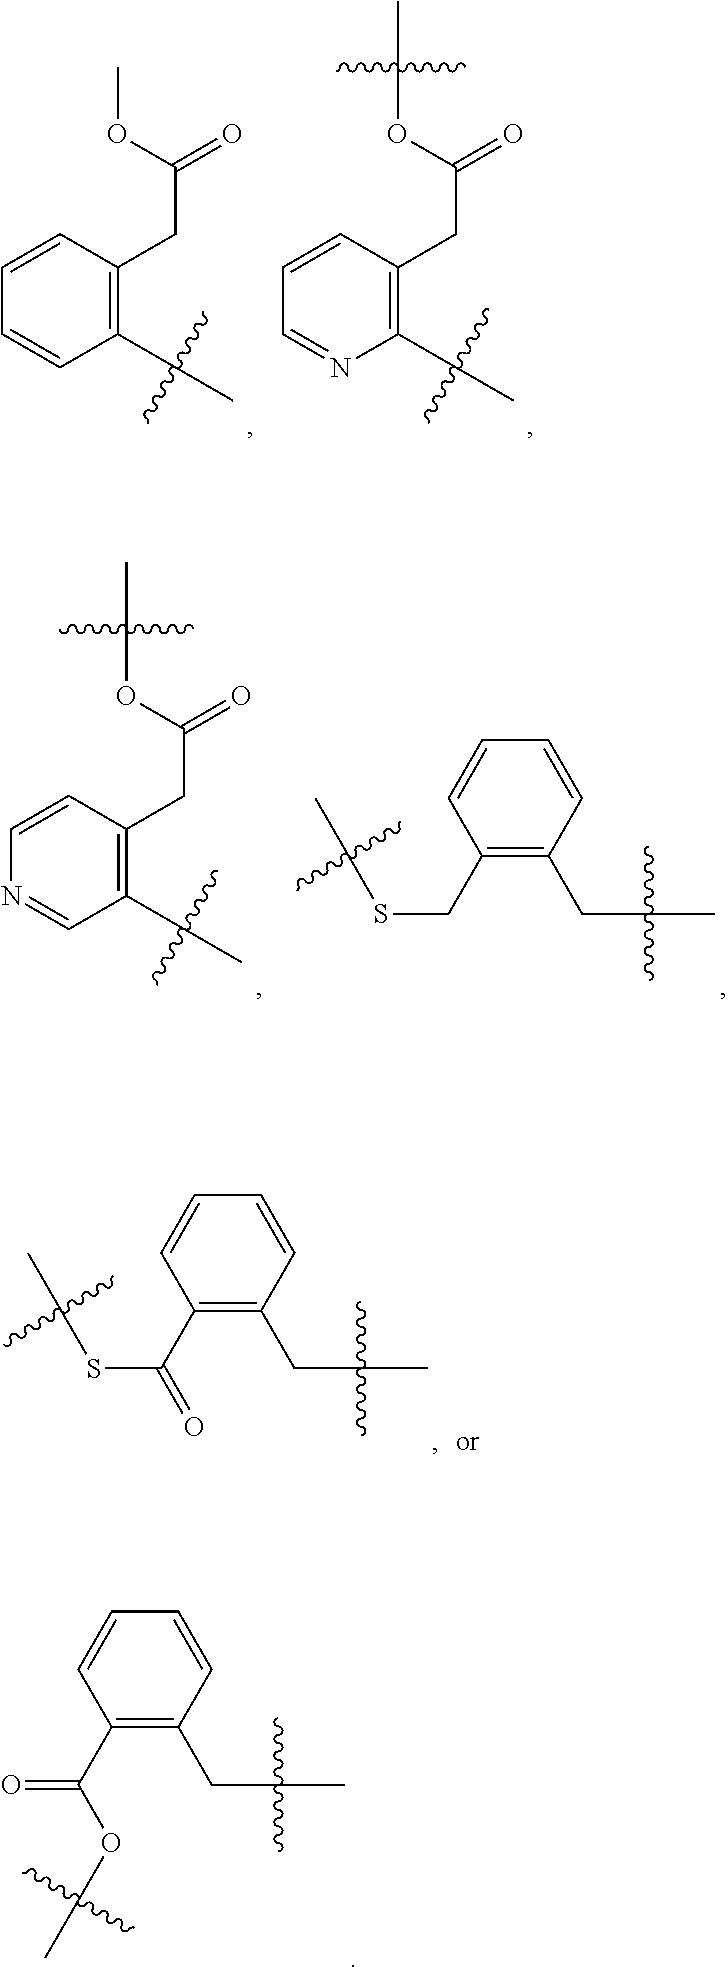 Figure US09982257-20180529-C00064